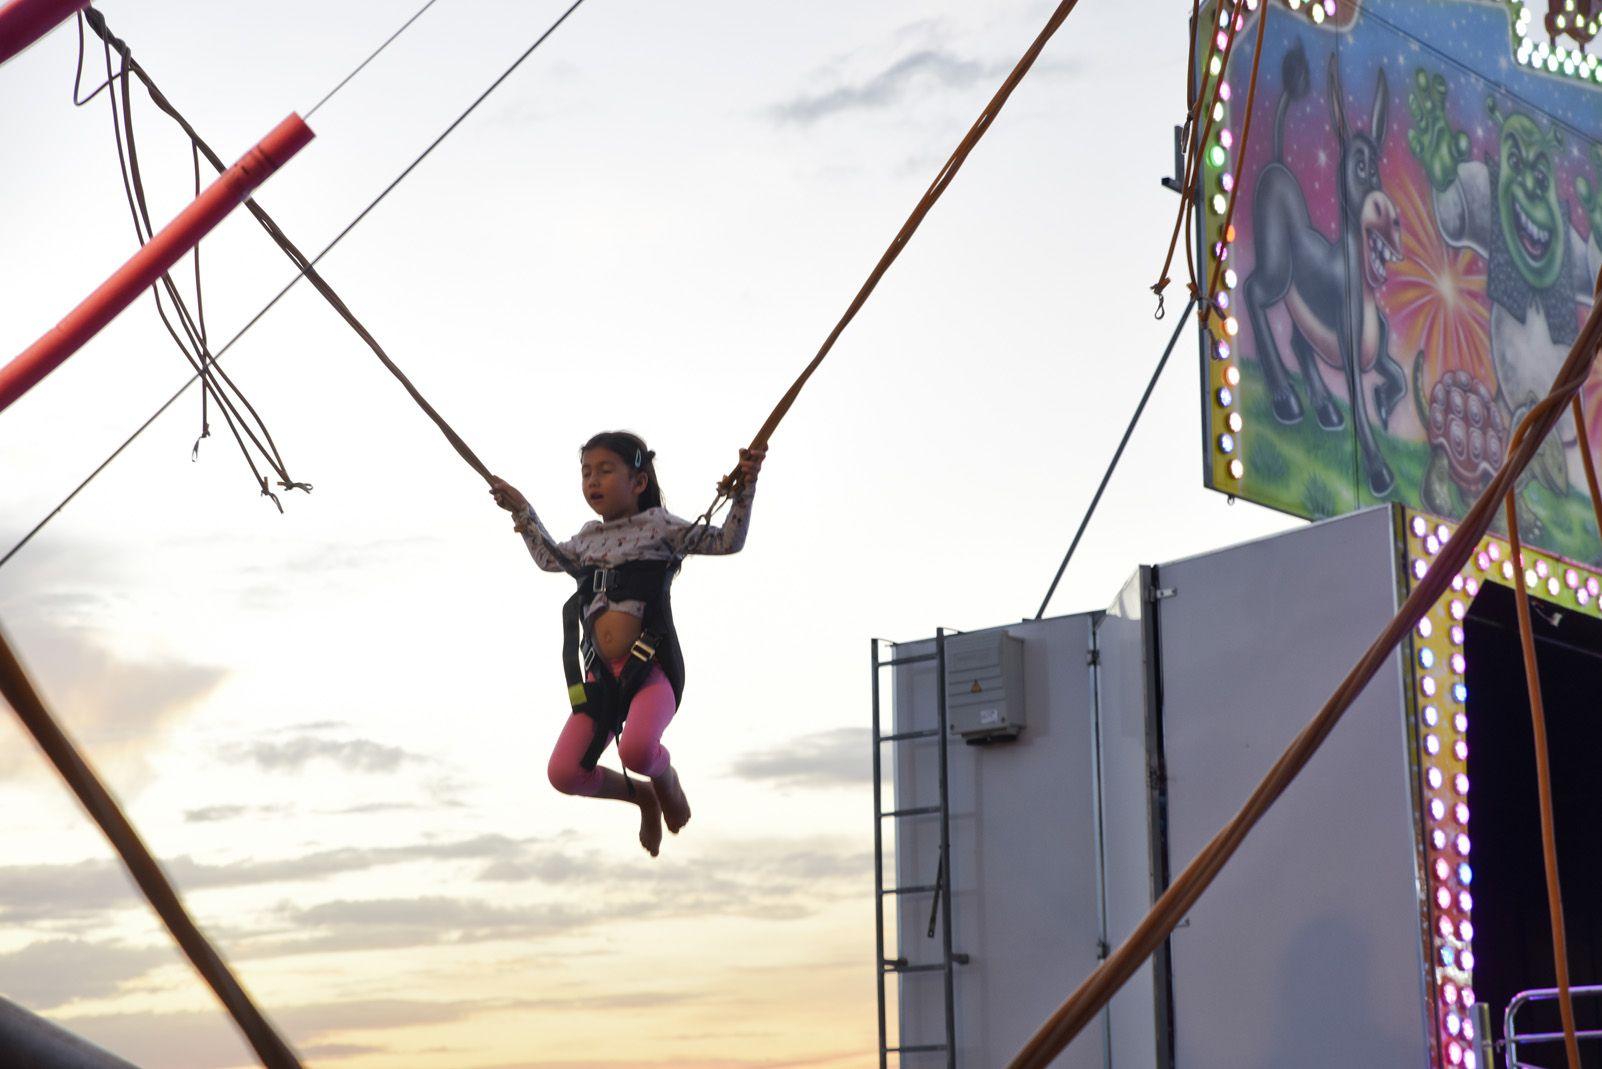 Fira d'atraccions de Festa Major de Volpelleres. Foto: Bernat Millet.